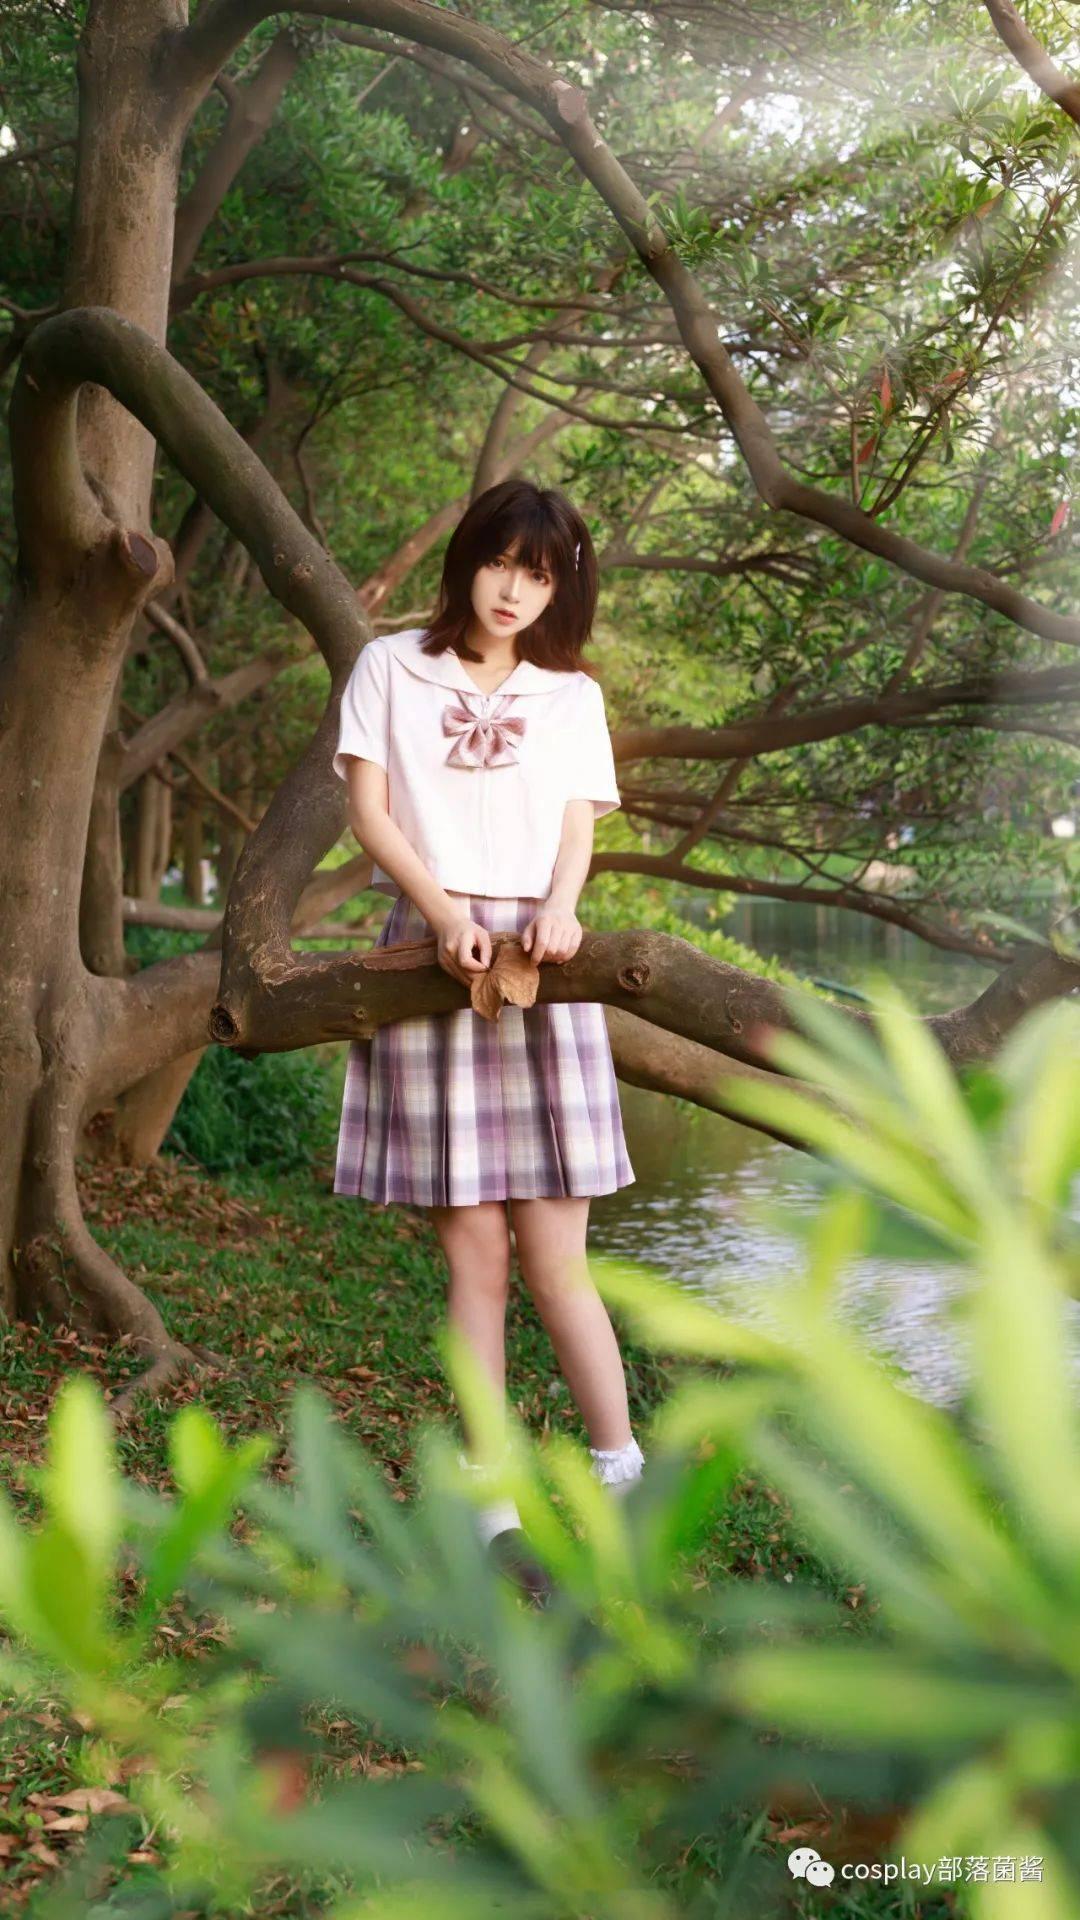 JK少女:夏天的梦里,承载着光怪陆离的奇妙景色